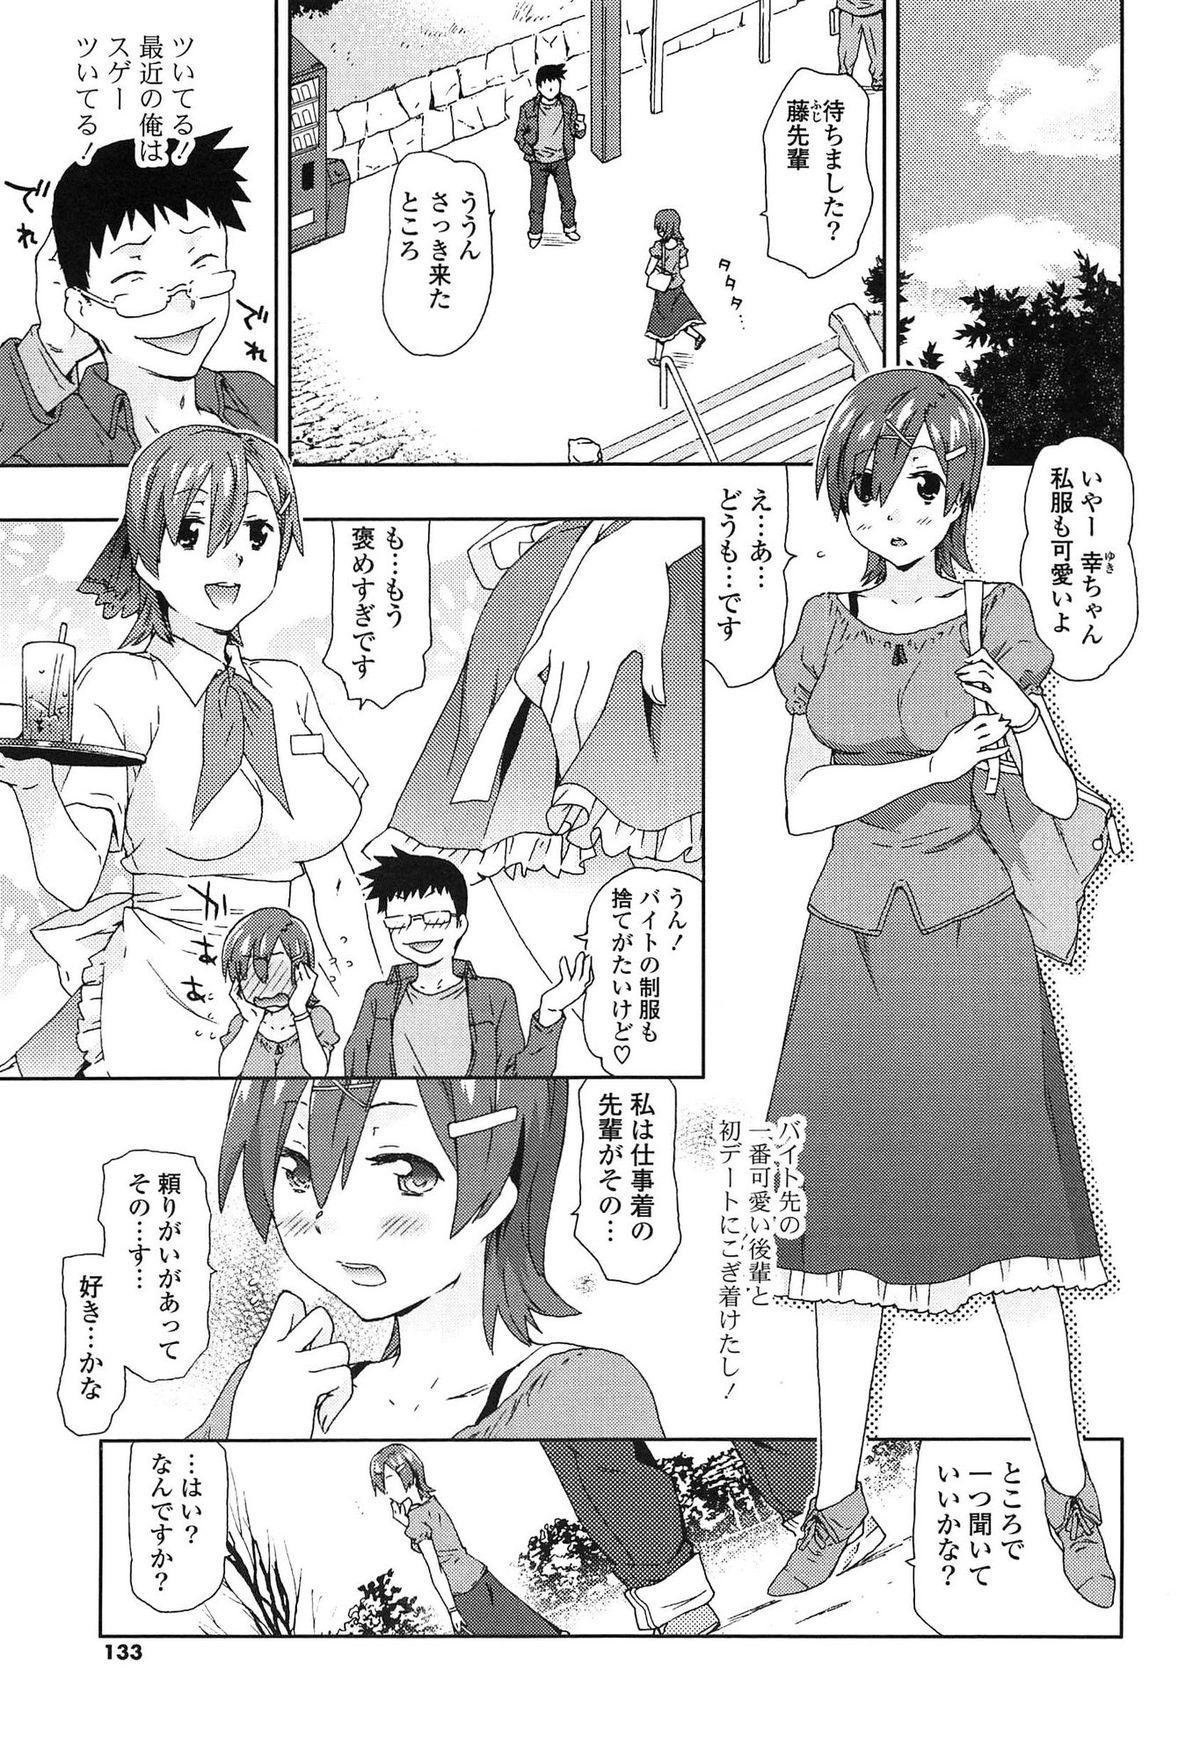 Ano Subarashii Nakadashi wo Nidosando 131